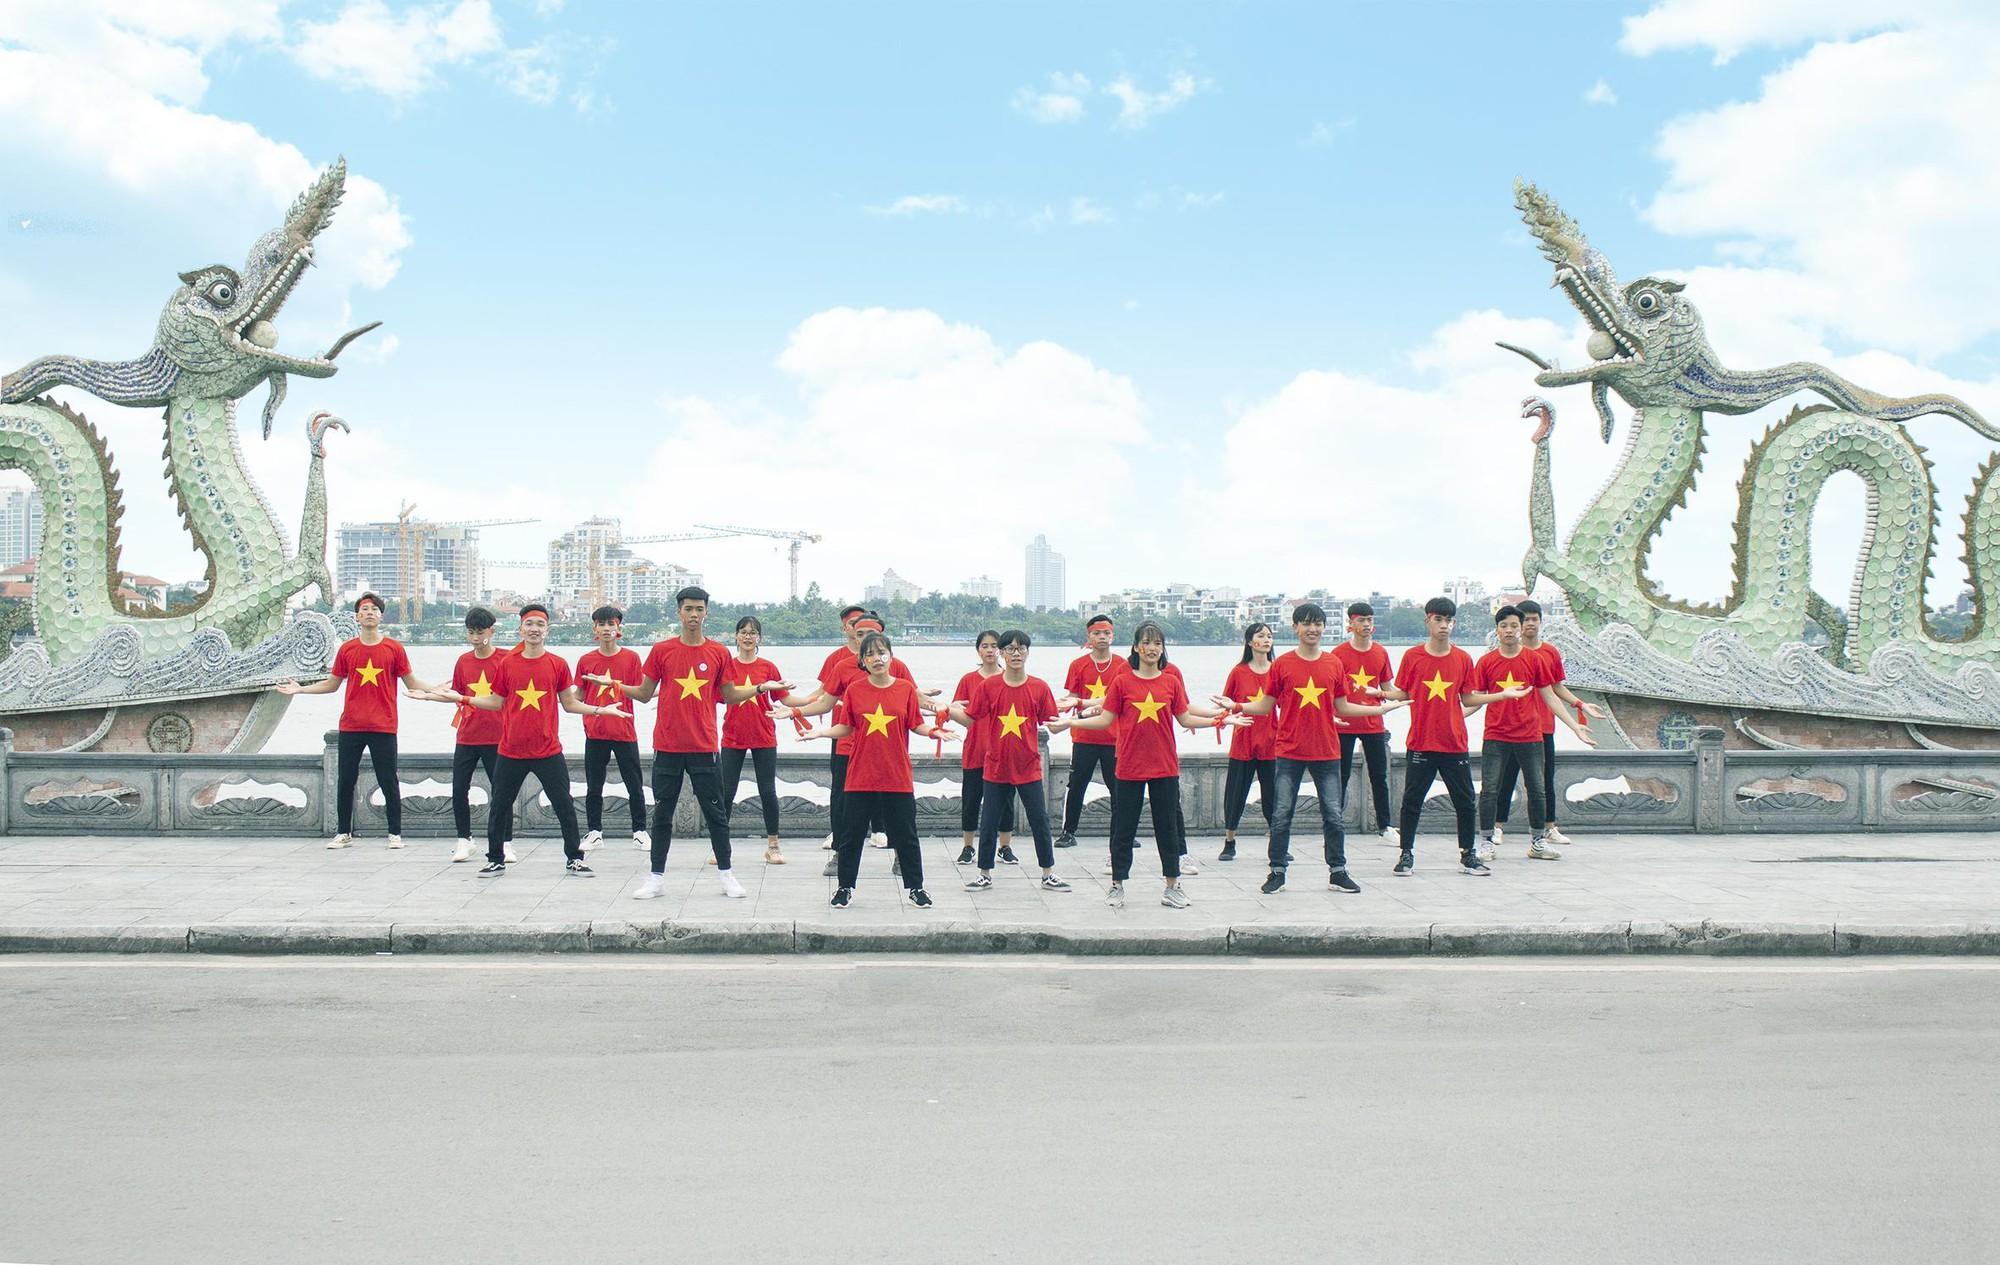 Tân sinh viên TTTH (T3H) nhảy flashmode chào đón Quốc khánh - Ảnh 3.